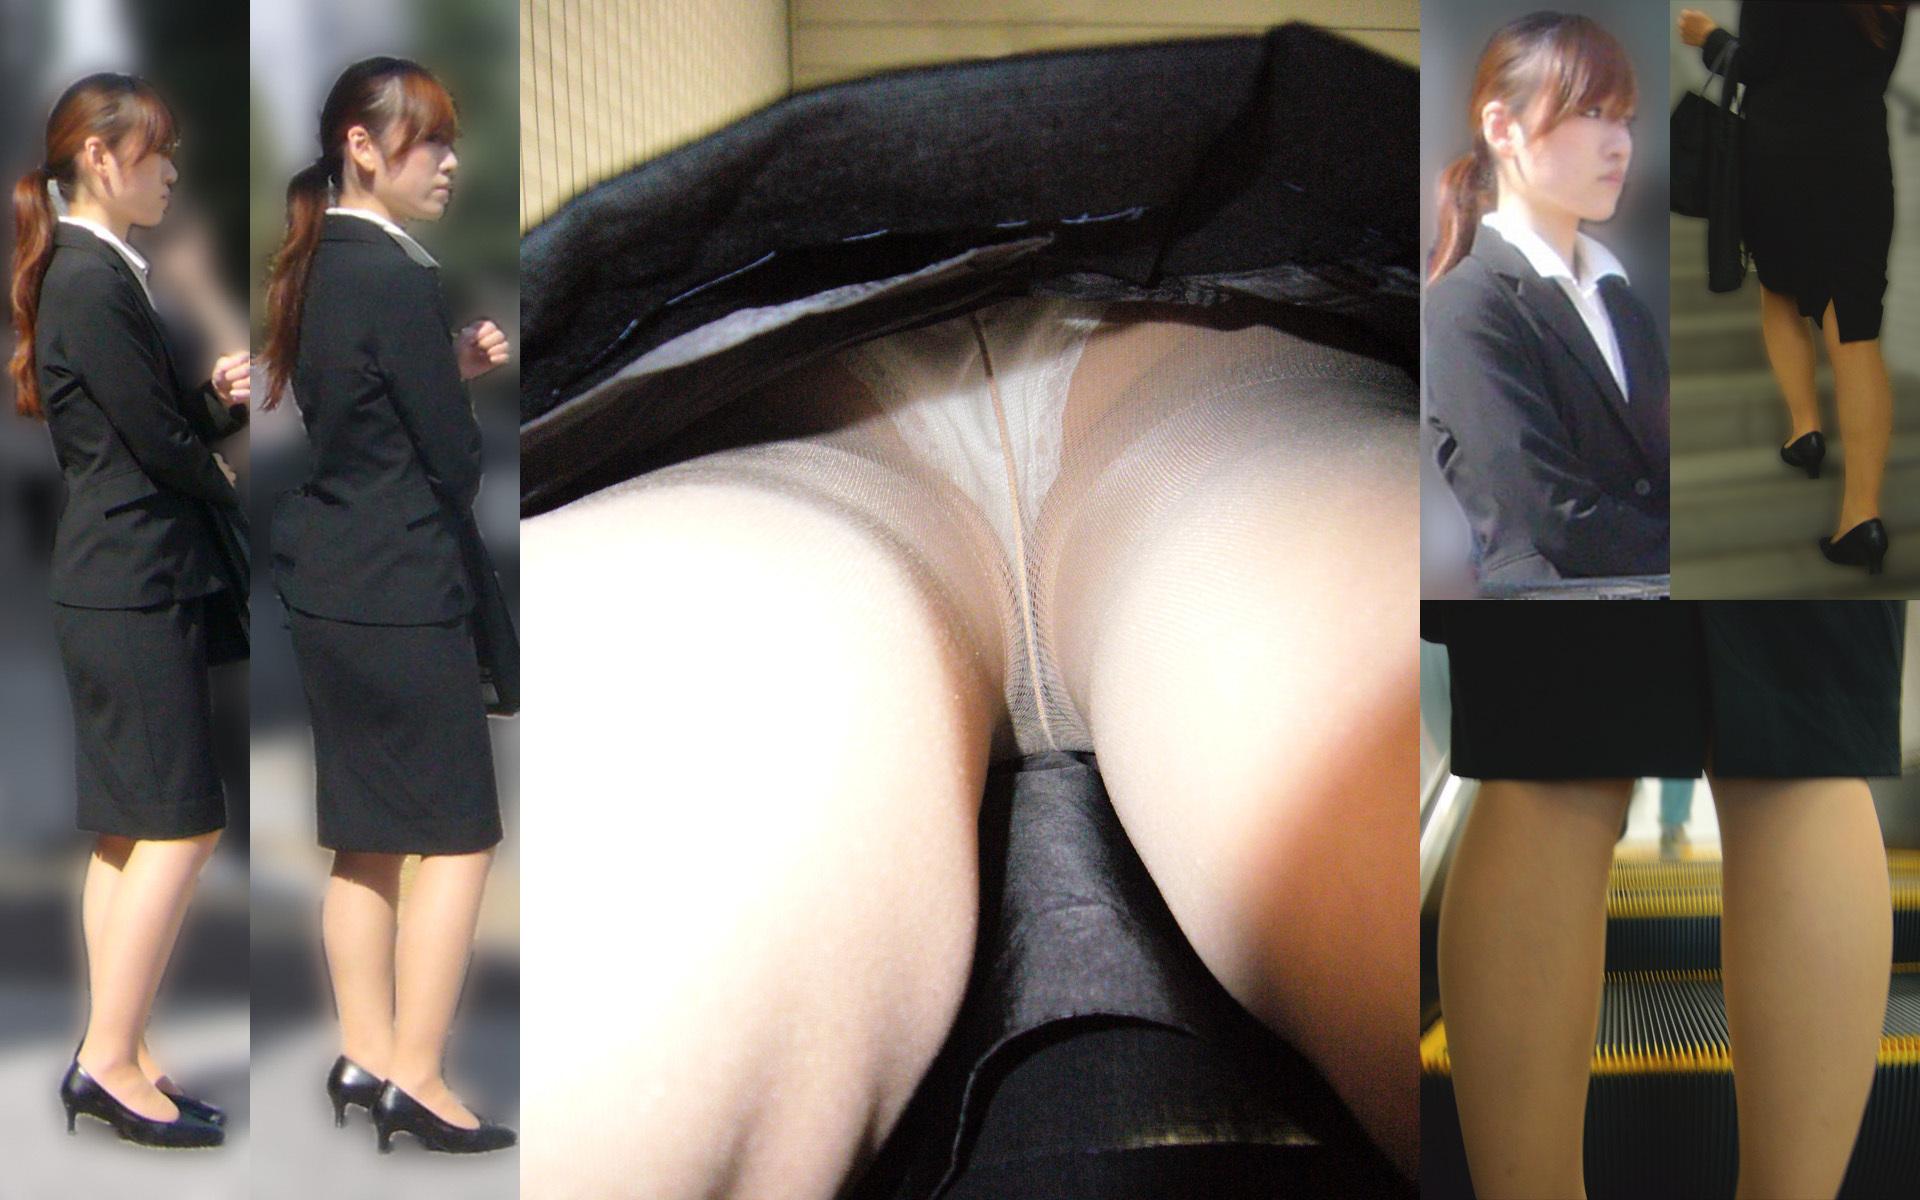 ポニーテールが可愛らしい働く女性を逆さ撮り!